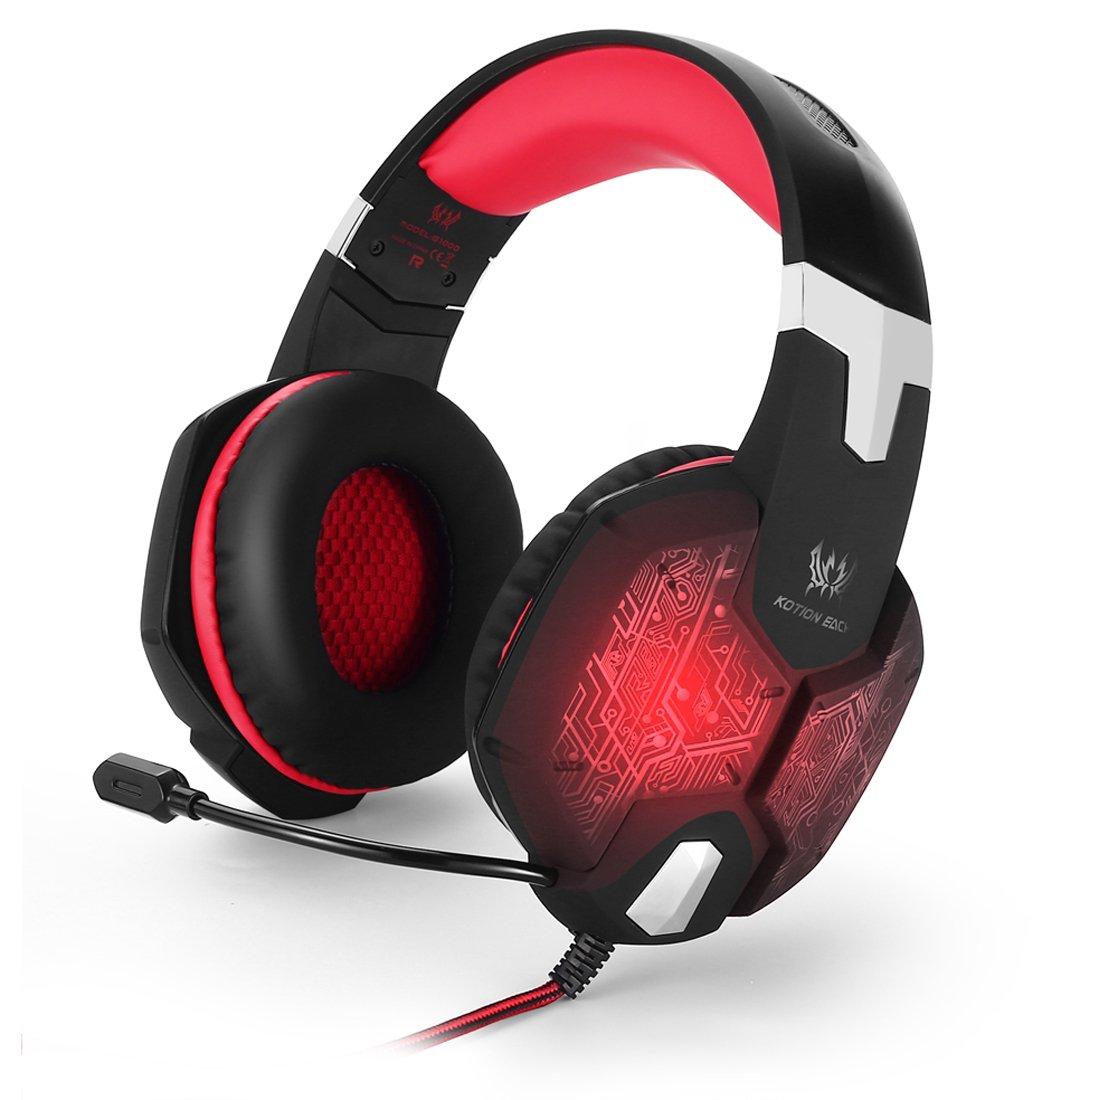 KOTION EACH G1000Diadema 3.5mm Bass Stereo Gaming Headset Auriculares de juego de PC Auriculares de diadema con micrófono Luz LED Respiración colorida para ordenador portátil Black-Red